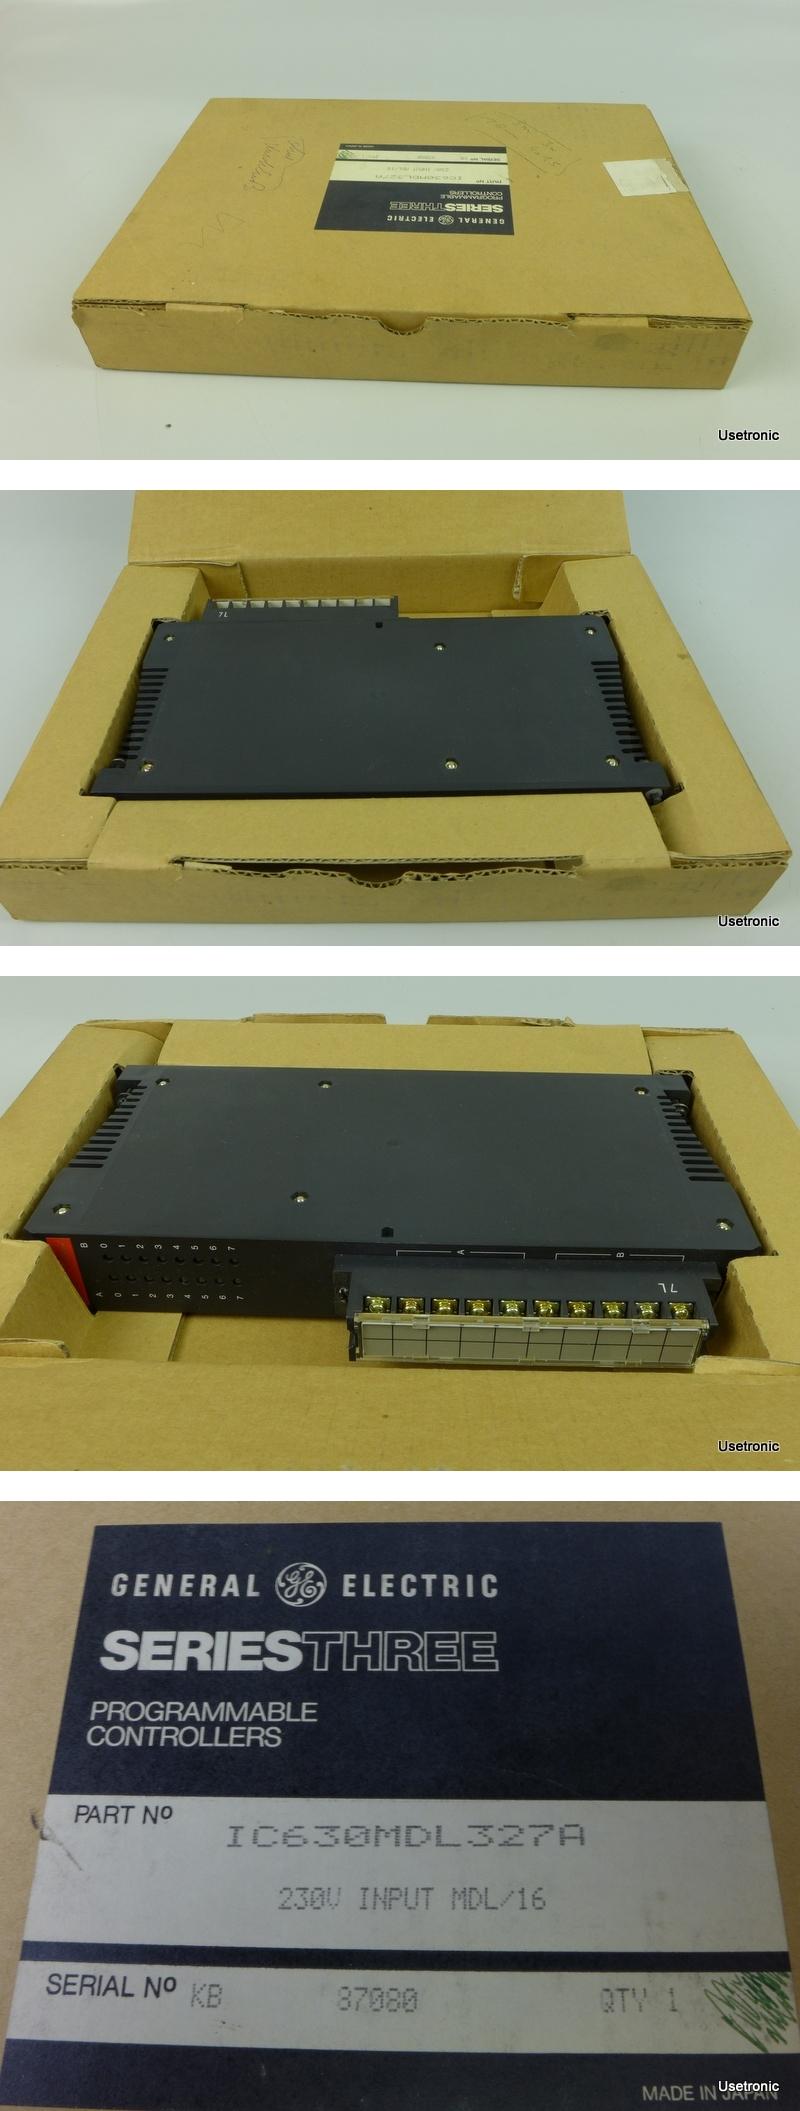 Fanuc GE IC630MDL327A